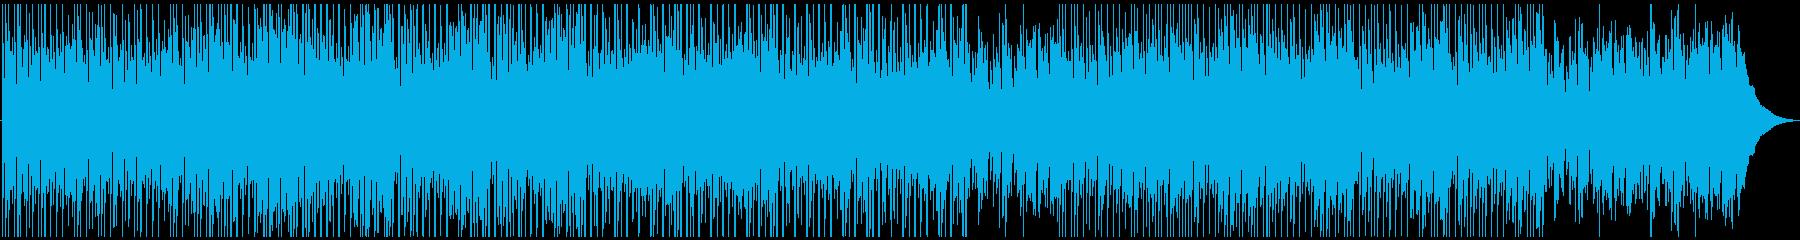 タンゴ サンバ ほのぼの 幸せ ロ...の再生済みの波形